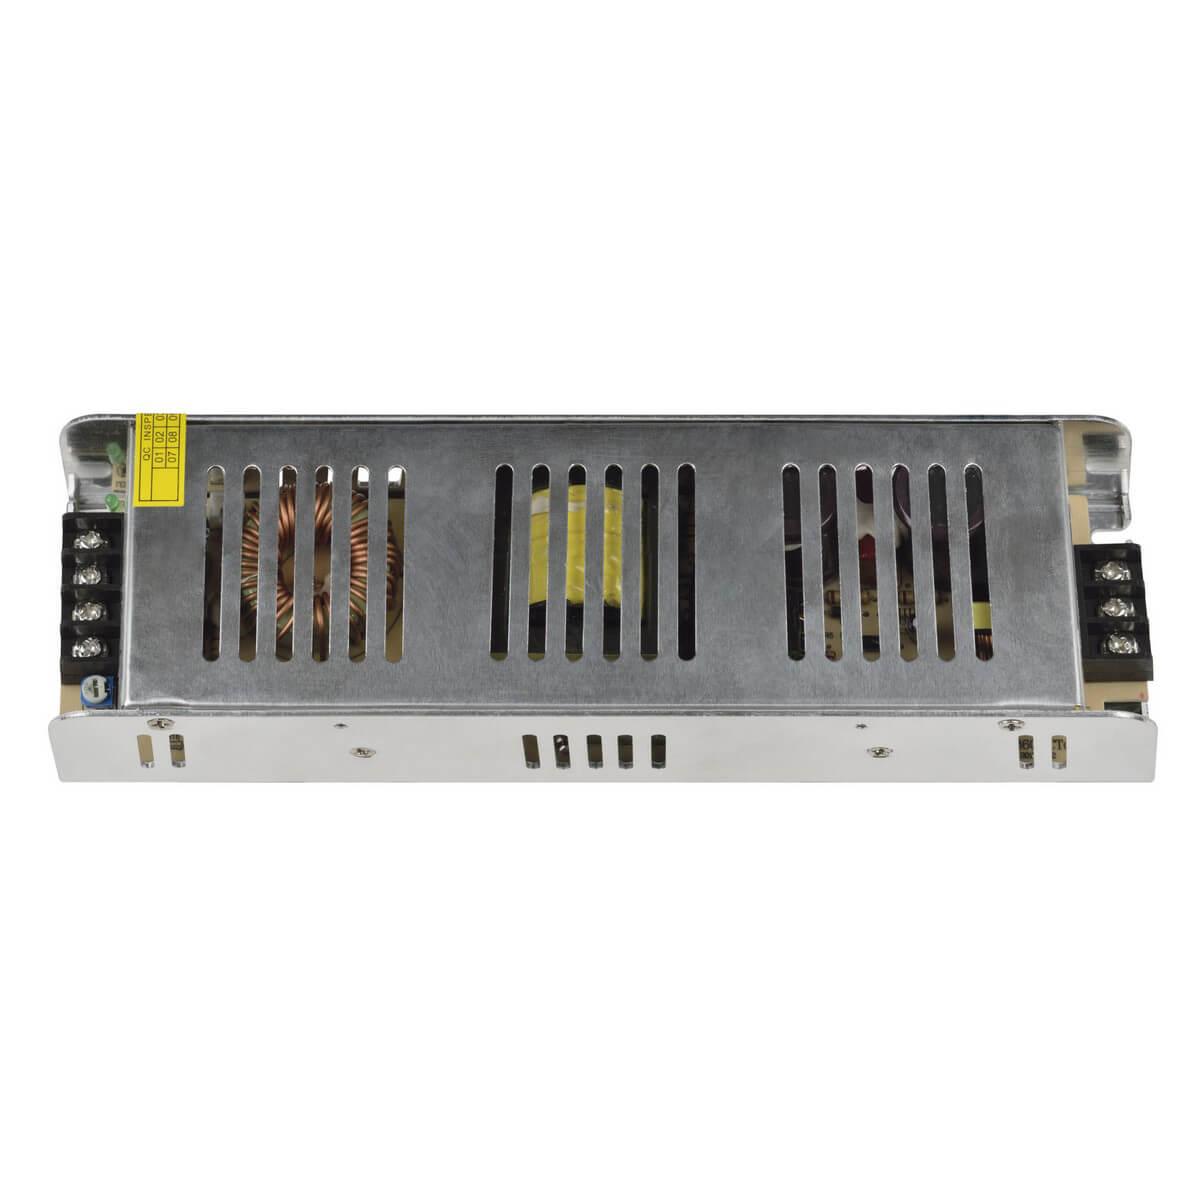 Блок питания (UL-00004331) Uniel UET-VAS-250A20 12V IP20 блок питания ul 00002429 uniel uet vas 060b20 24v ip20